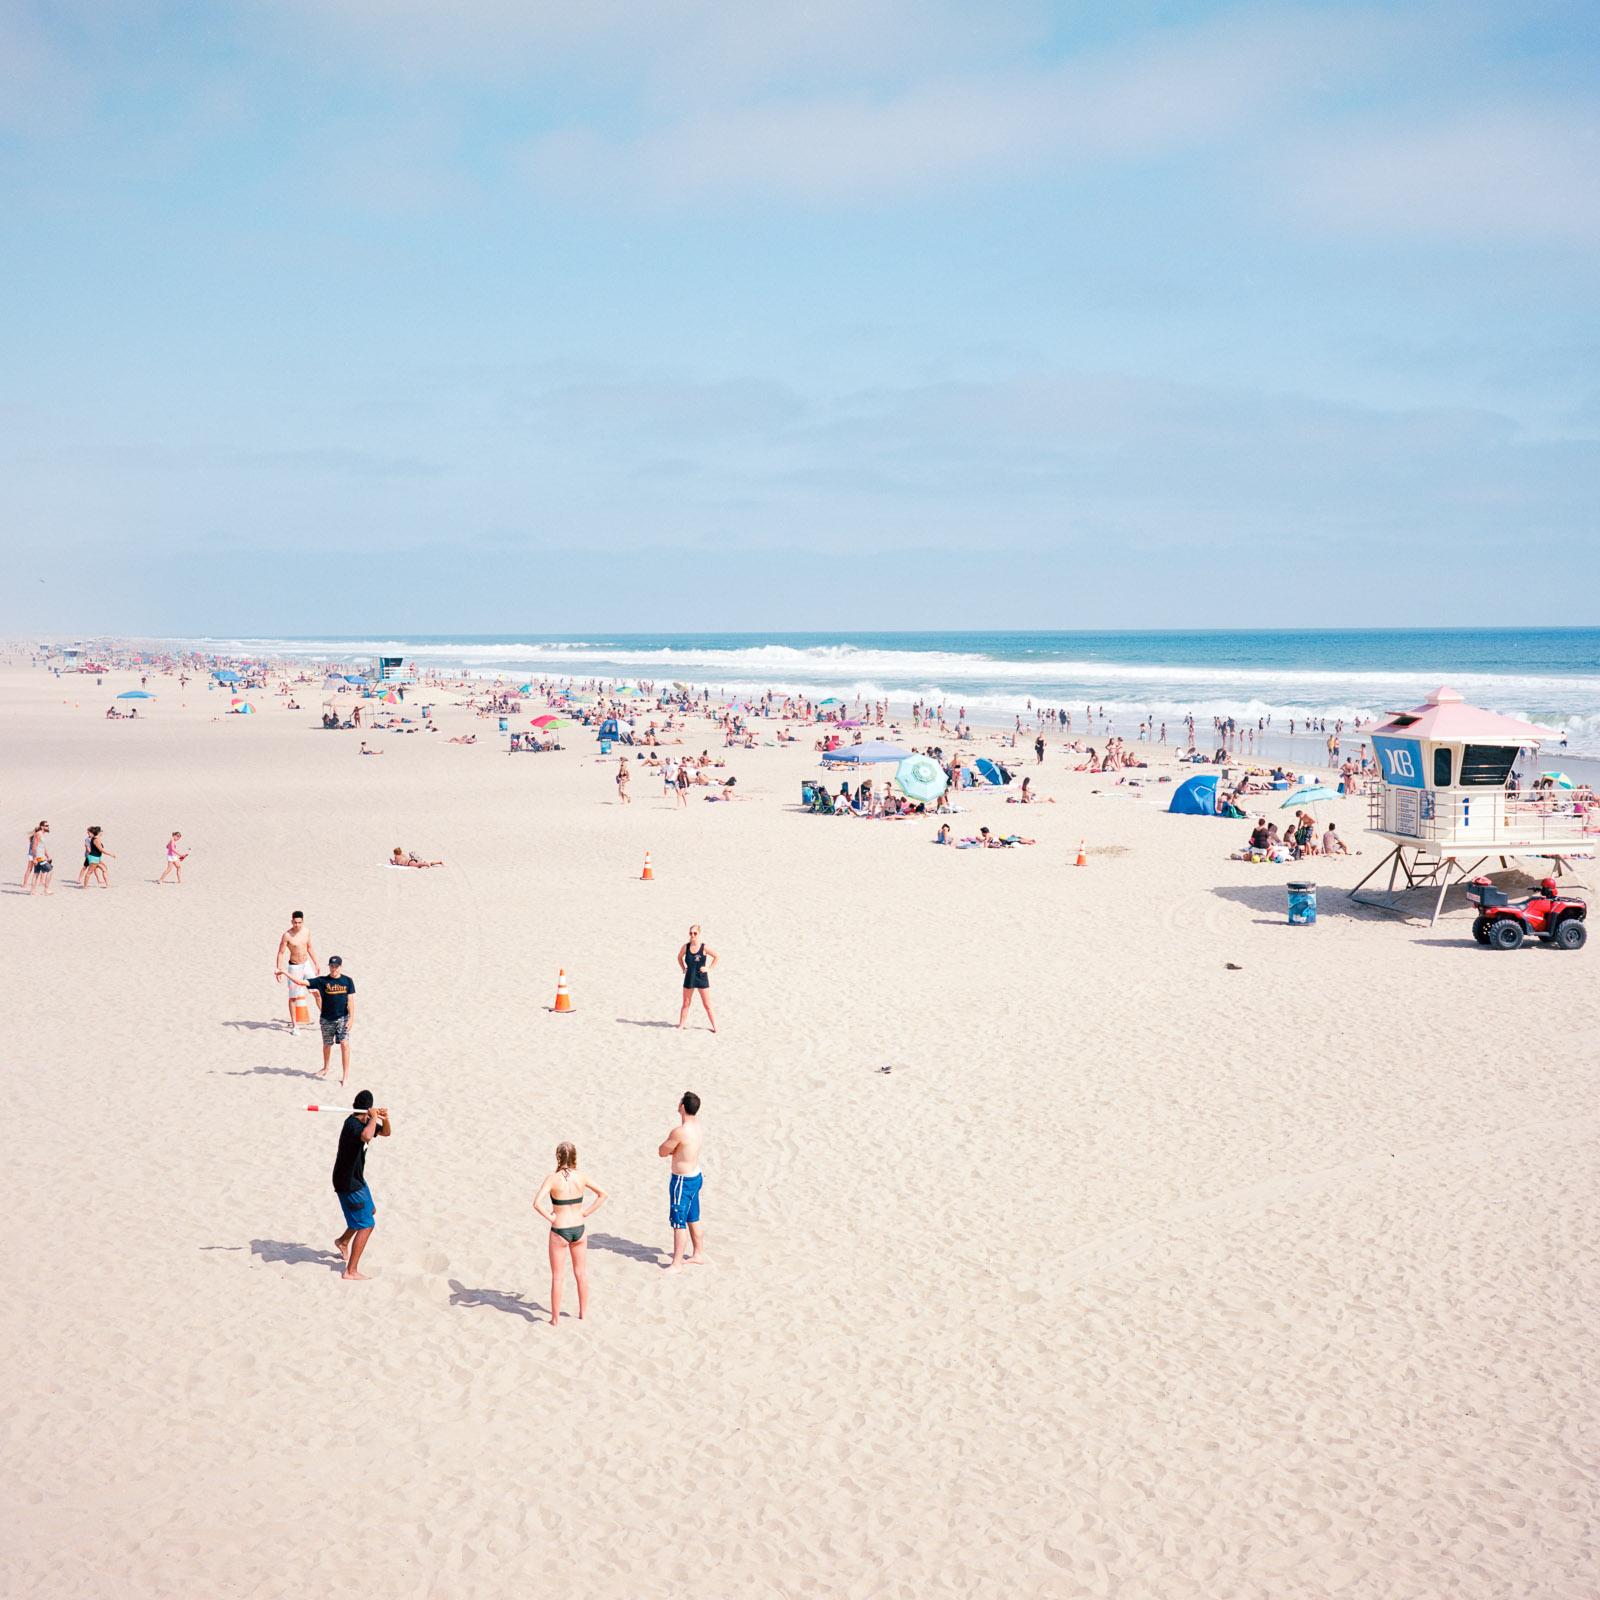 0019-california-travel-32-USA-Ektar-100-5.jpg